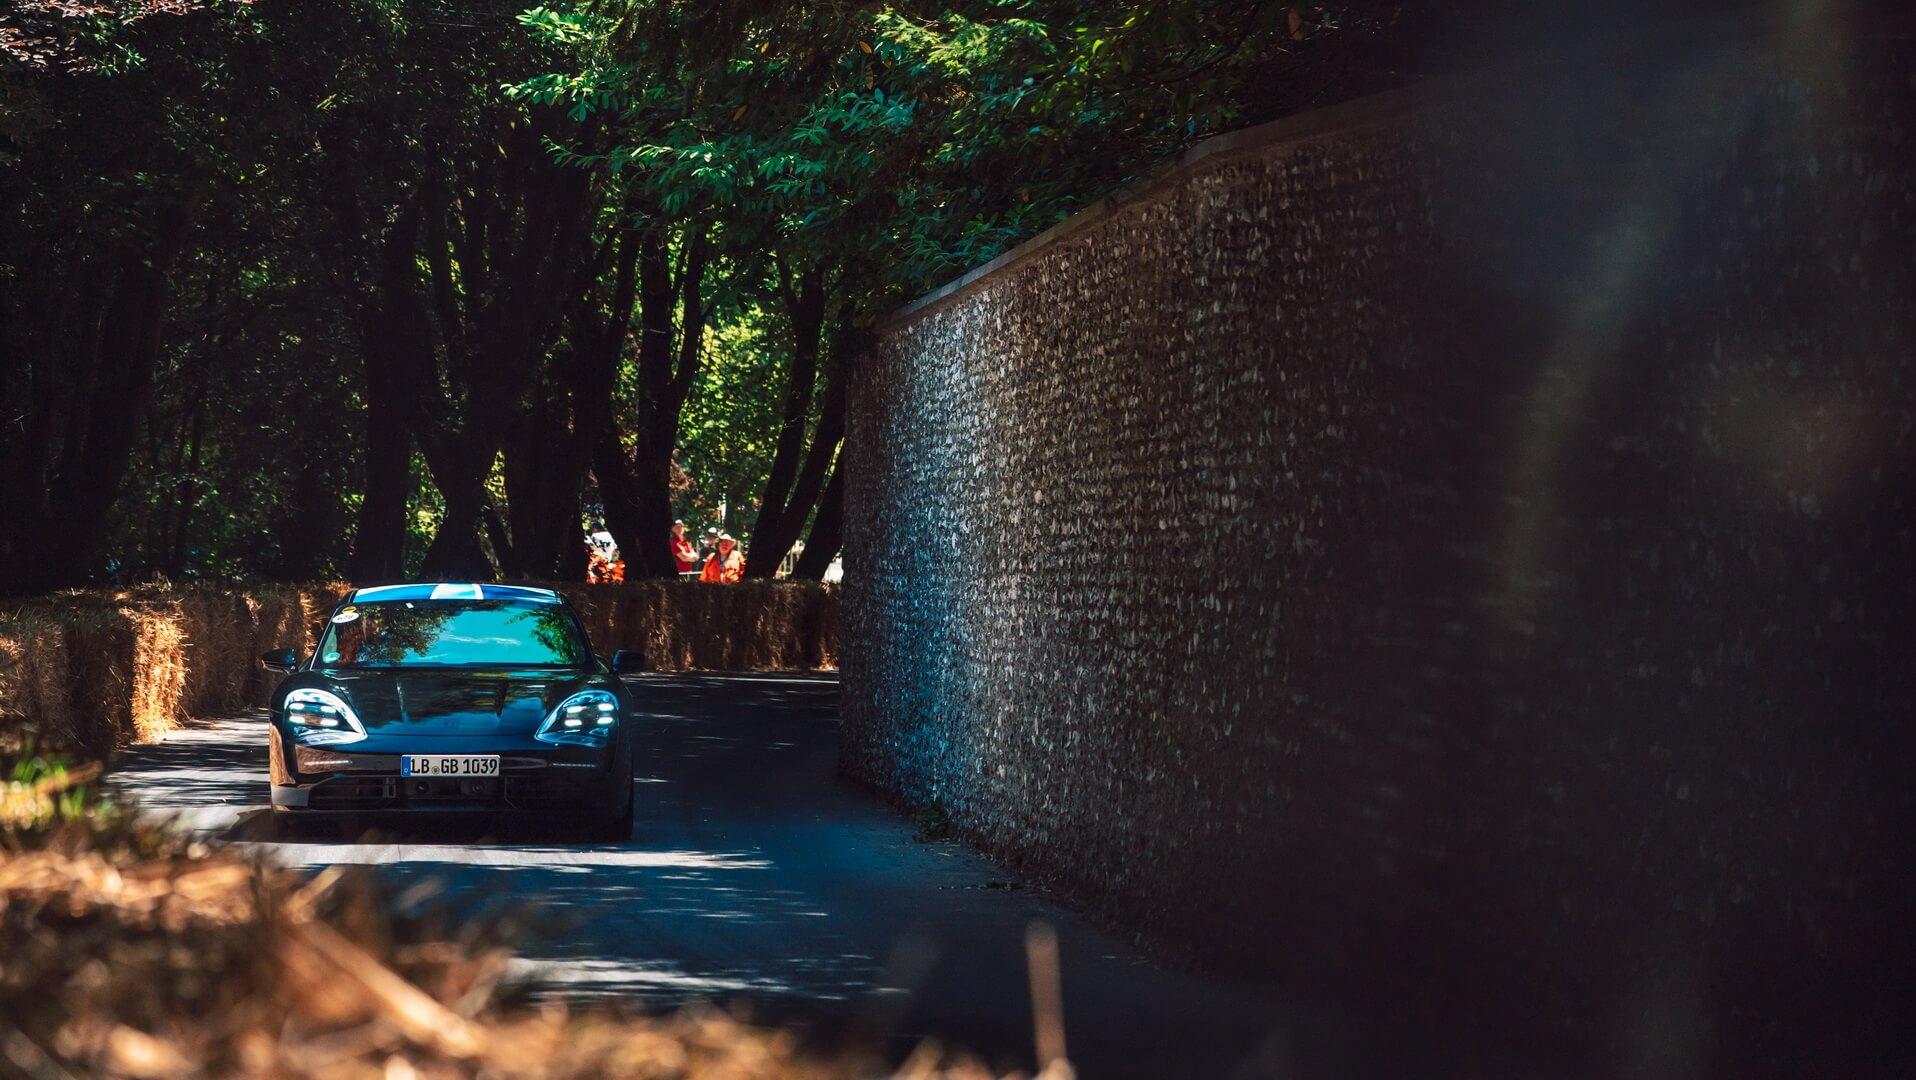 Демонстрационная поездка спорткара Porsche Taycan